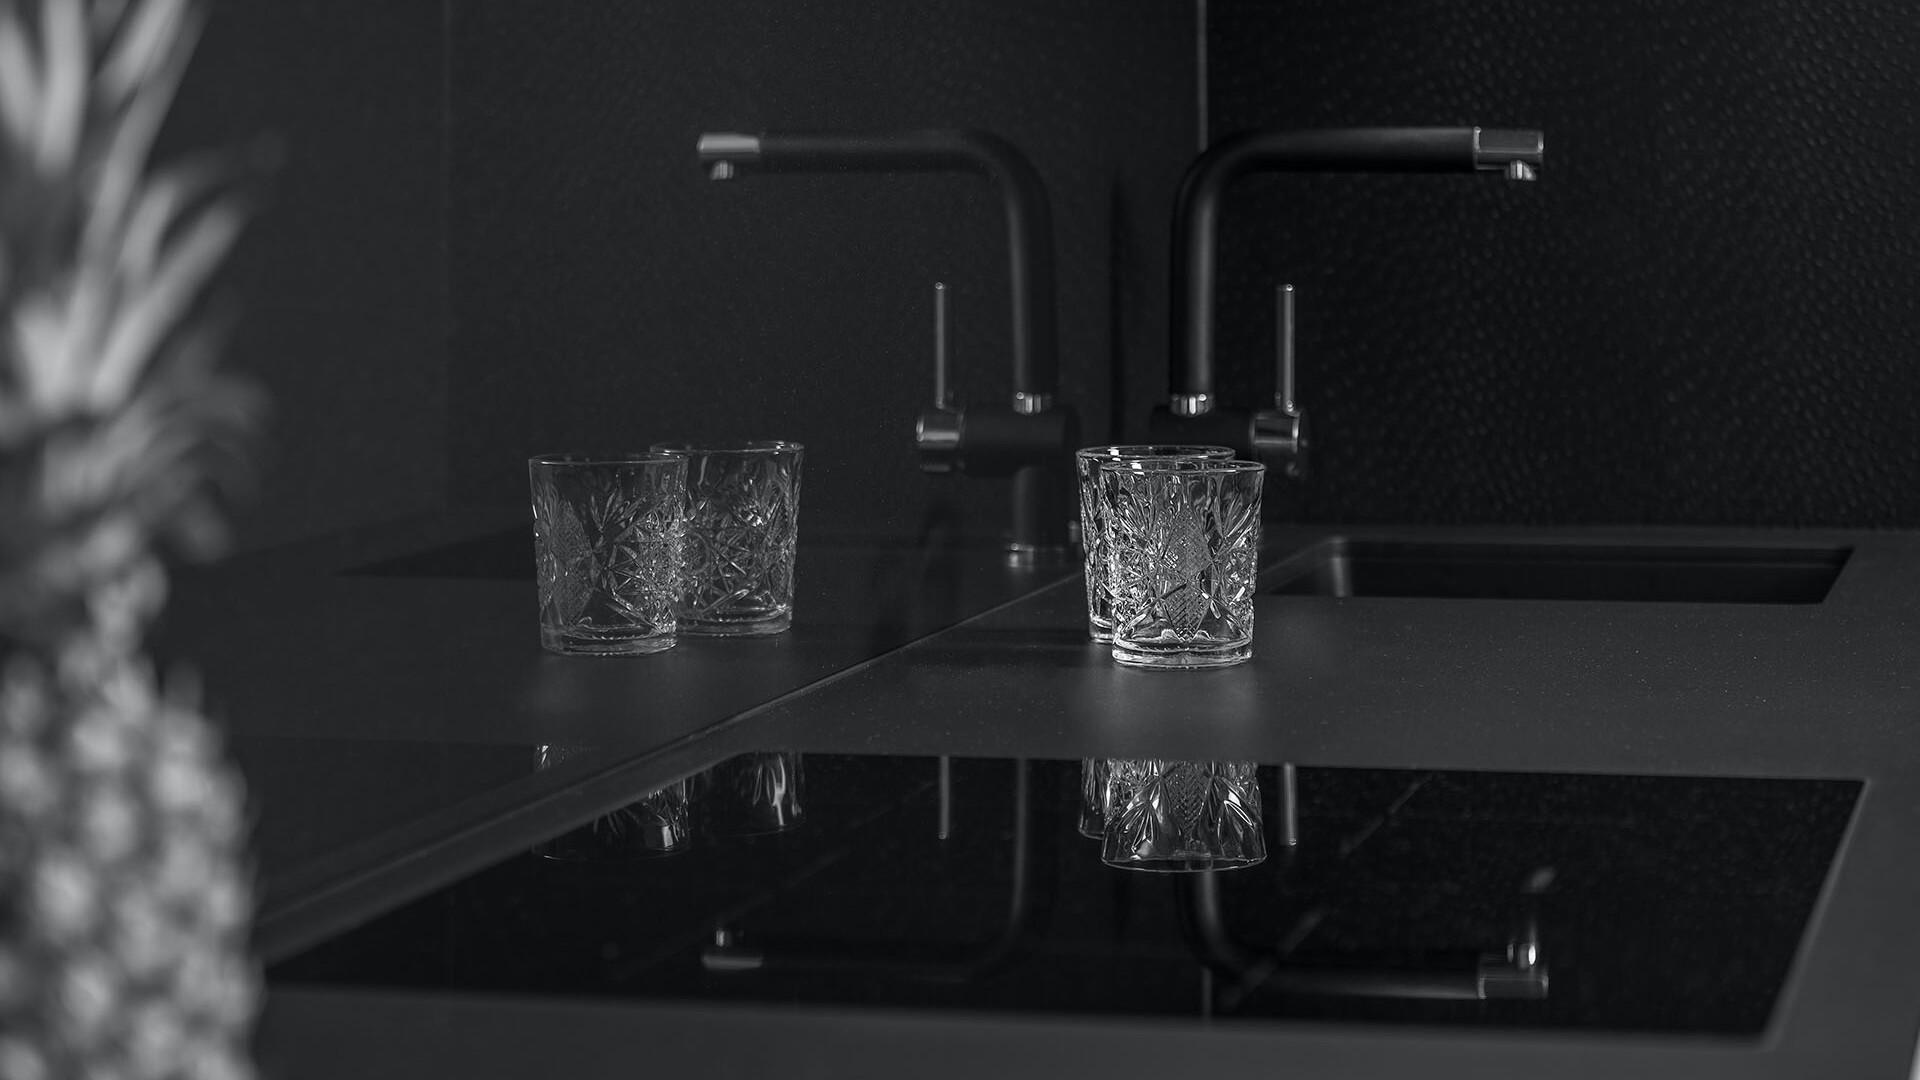 rustikales Parkett als Kontrast zur schwarzen Küche